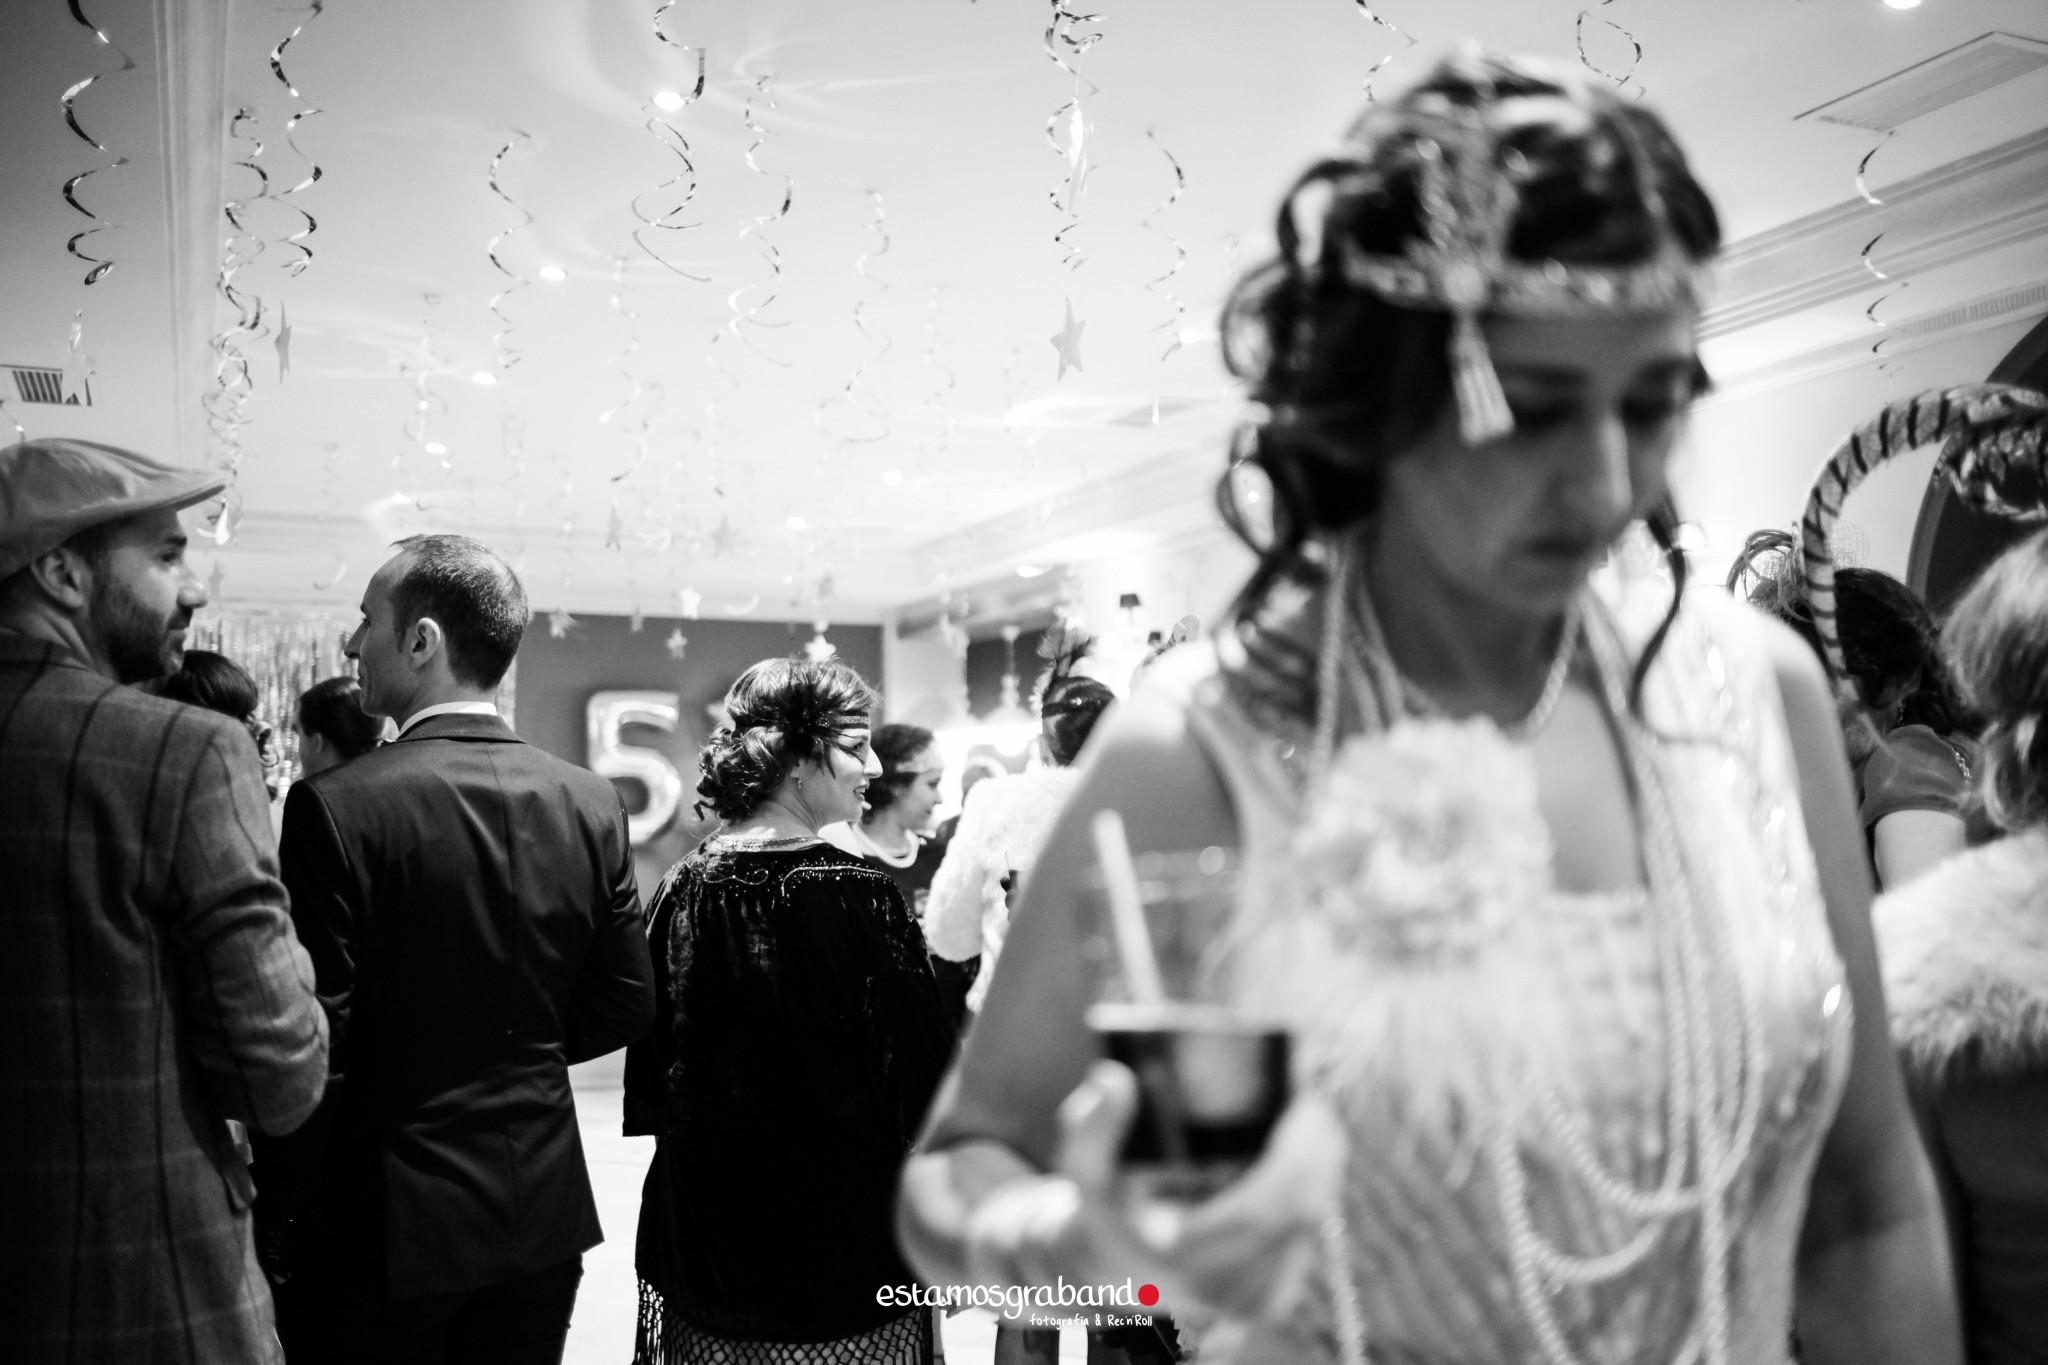 Años-20-BBTP-103-de-109 Los locos Años 20 [Fotografía en La Teta de Julieta, Cádiz] - video boda cadiz